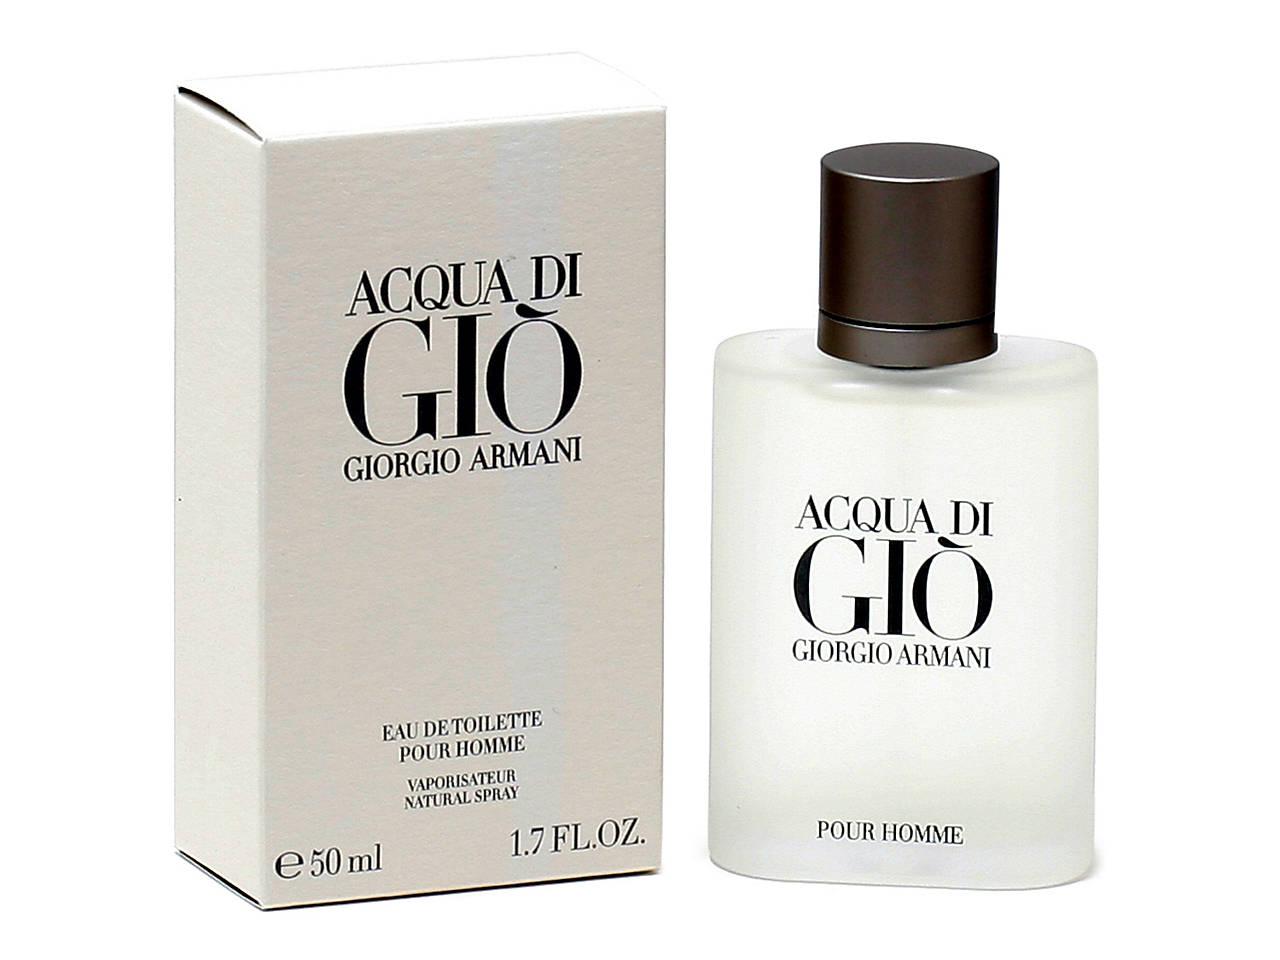 Giorgio Armani Fragrance Aqua Di Gio Eau De Toilette Spray Mens